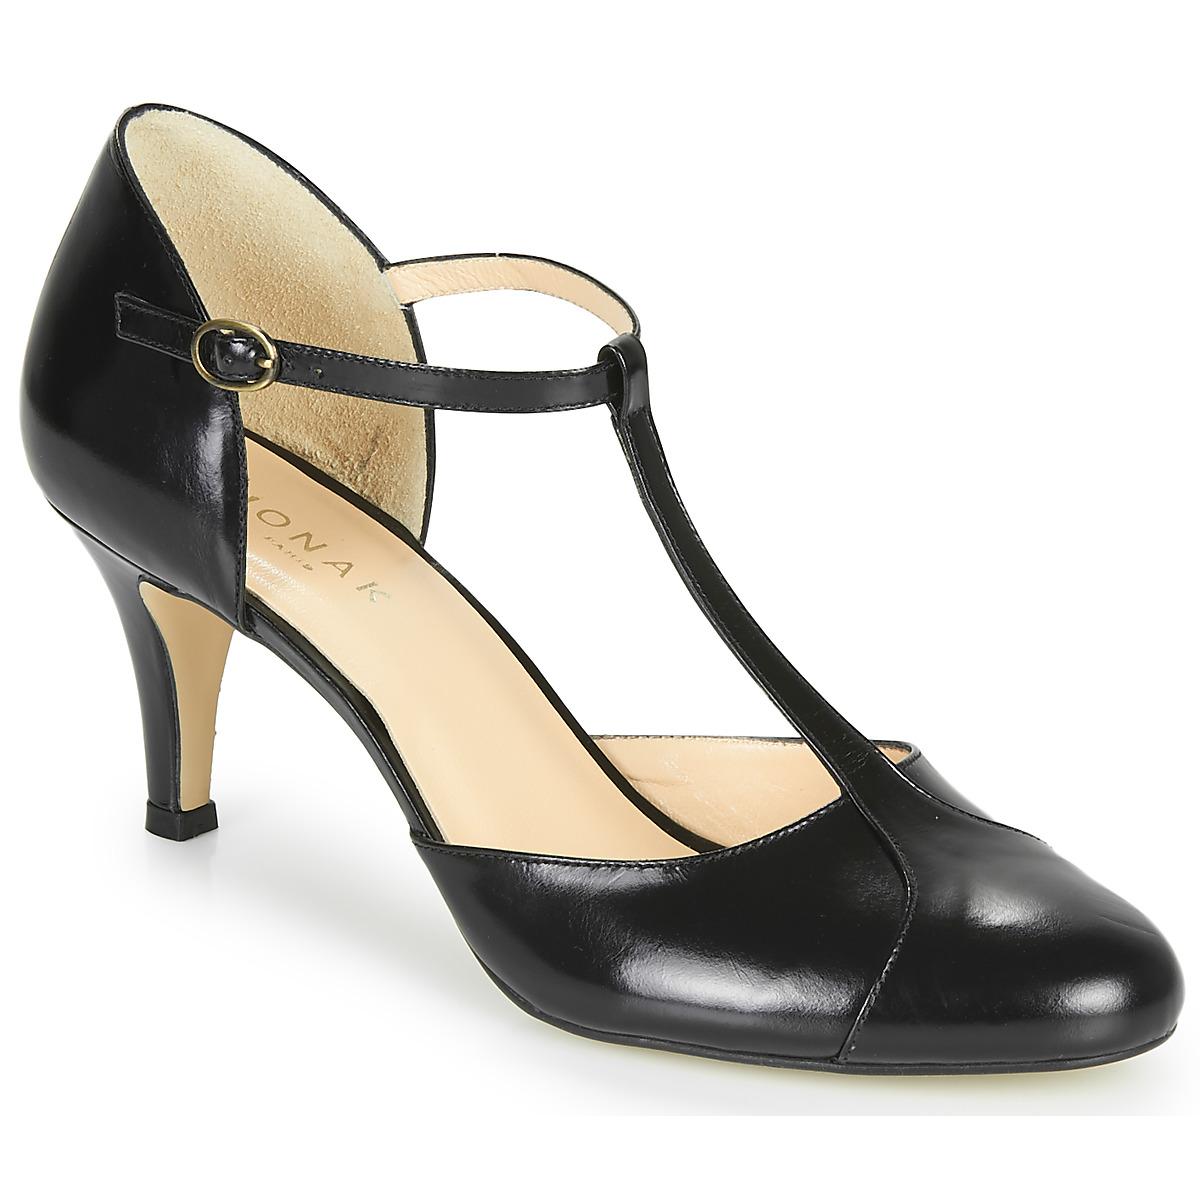 escarpins jonak bloutou noir livraison gratuite avec chaussures femme 62 30. Black Bedroom Furniture Sets. Home Design Ideas